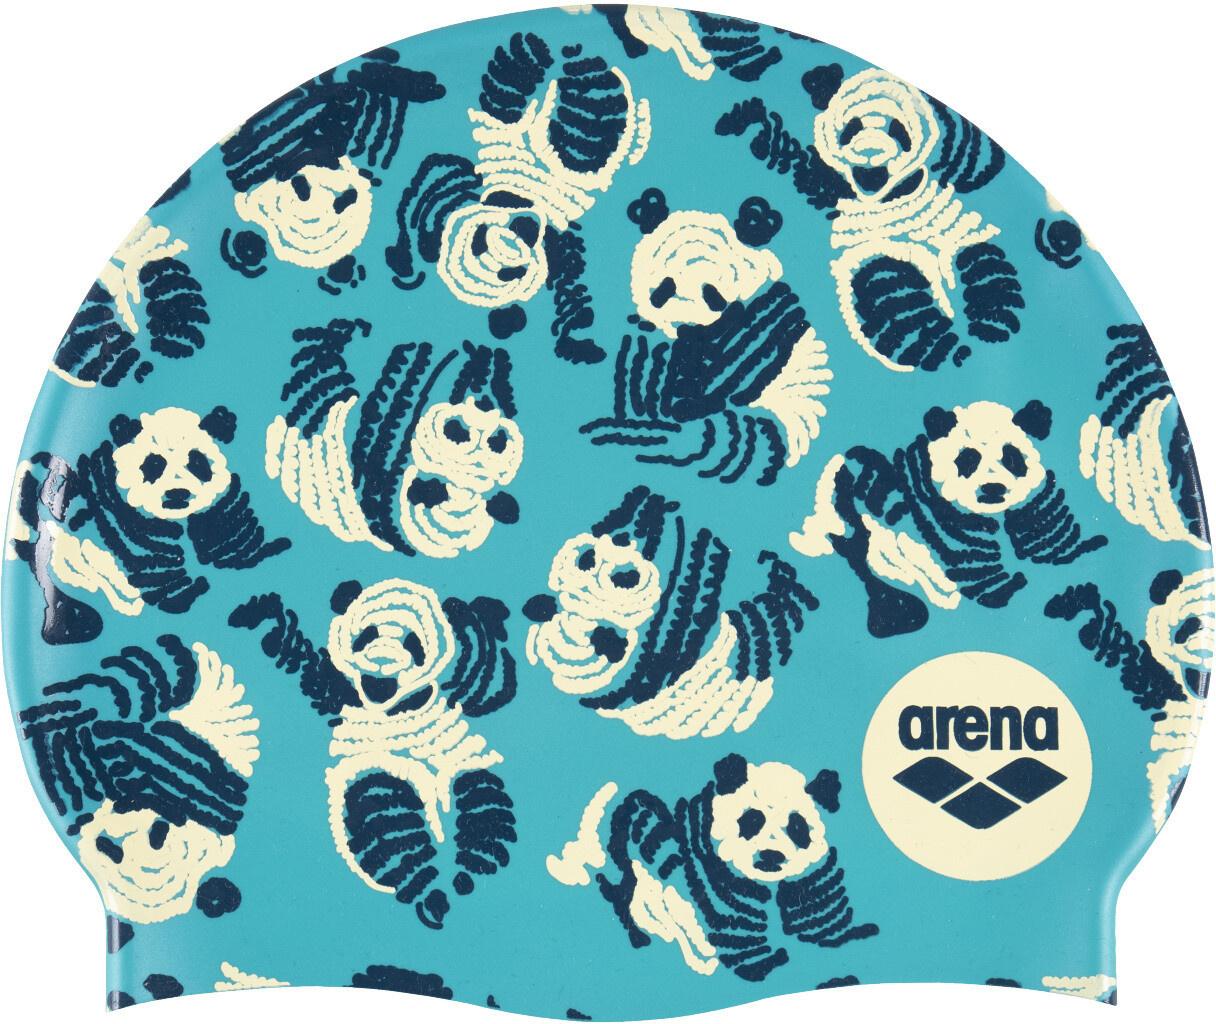 Arena badmuts silicone Print 2 Panda